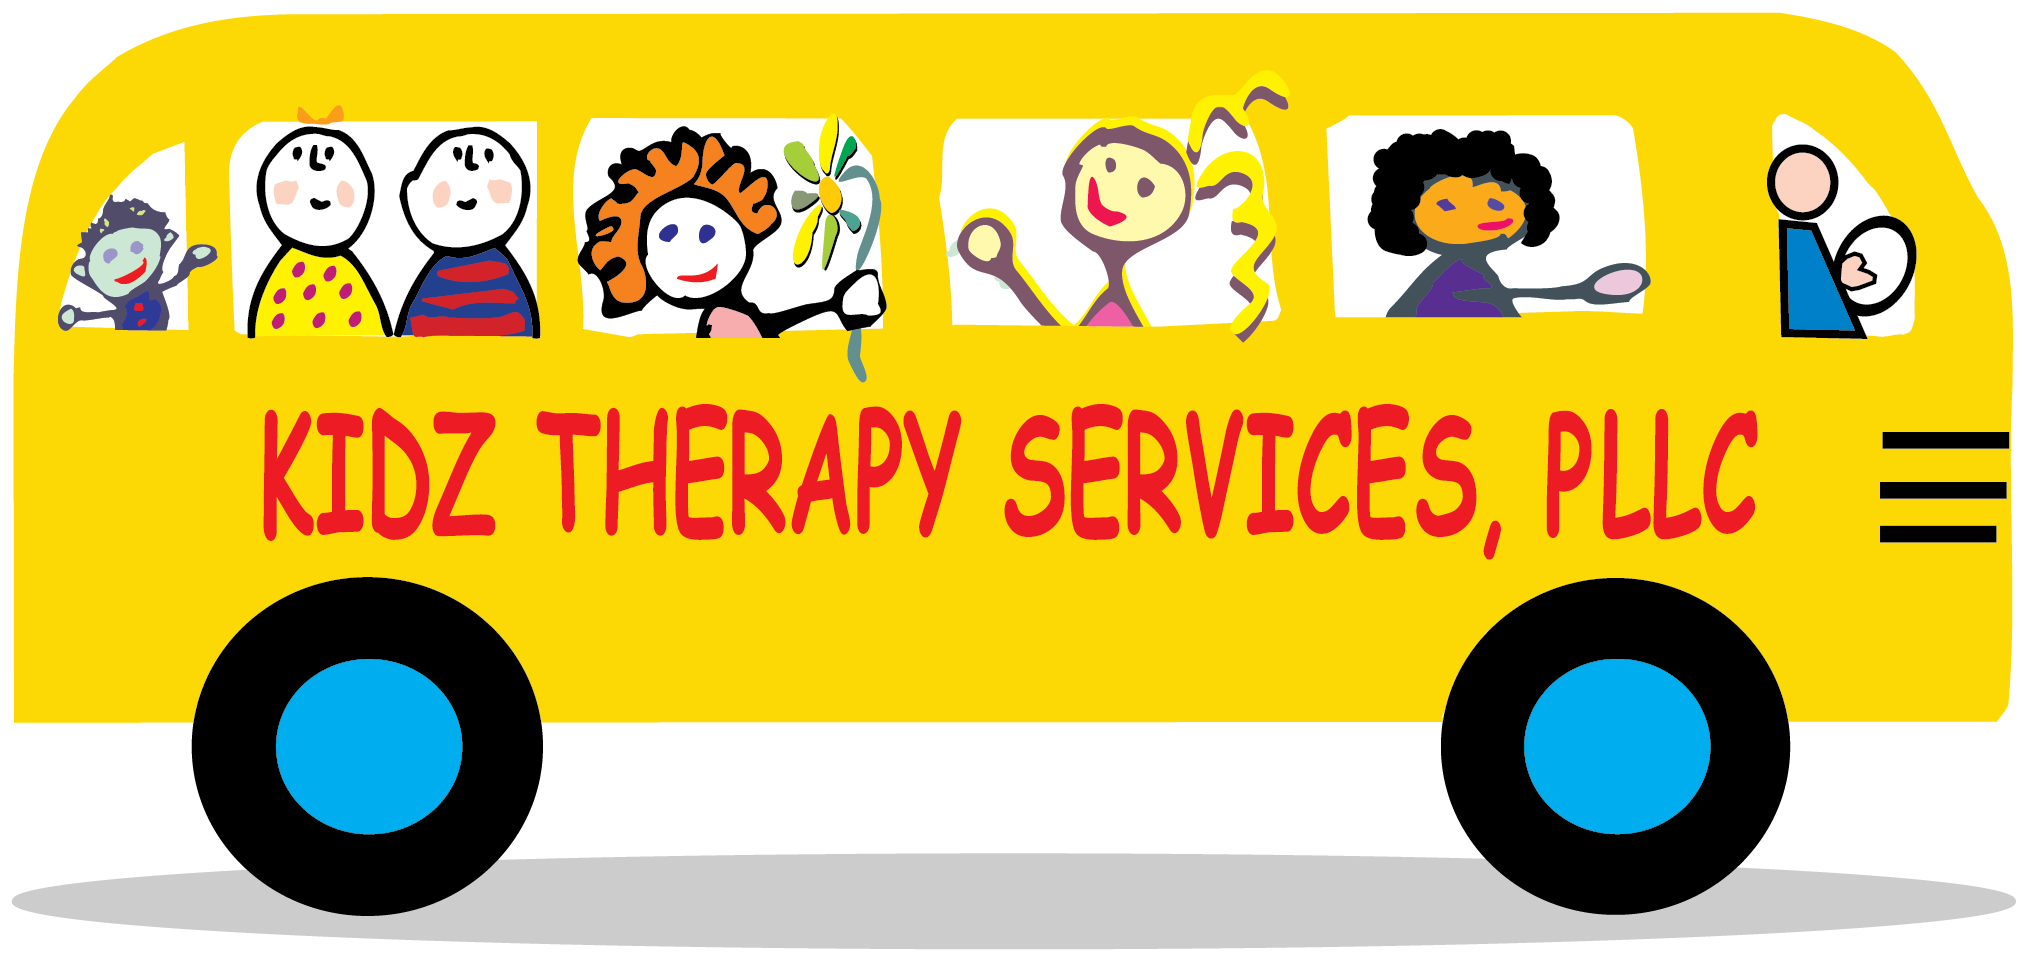 I logo kidz therapy